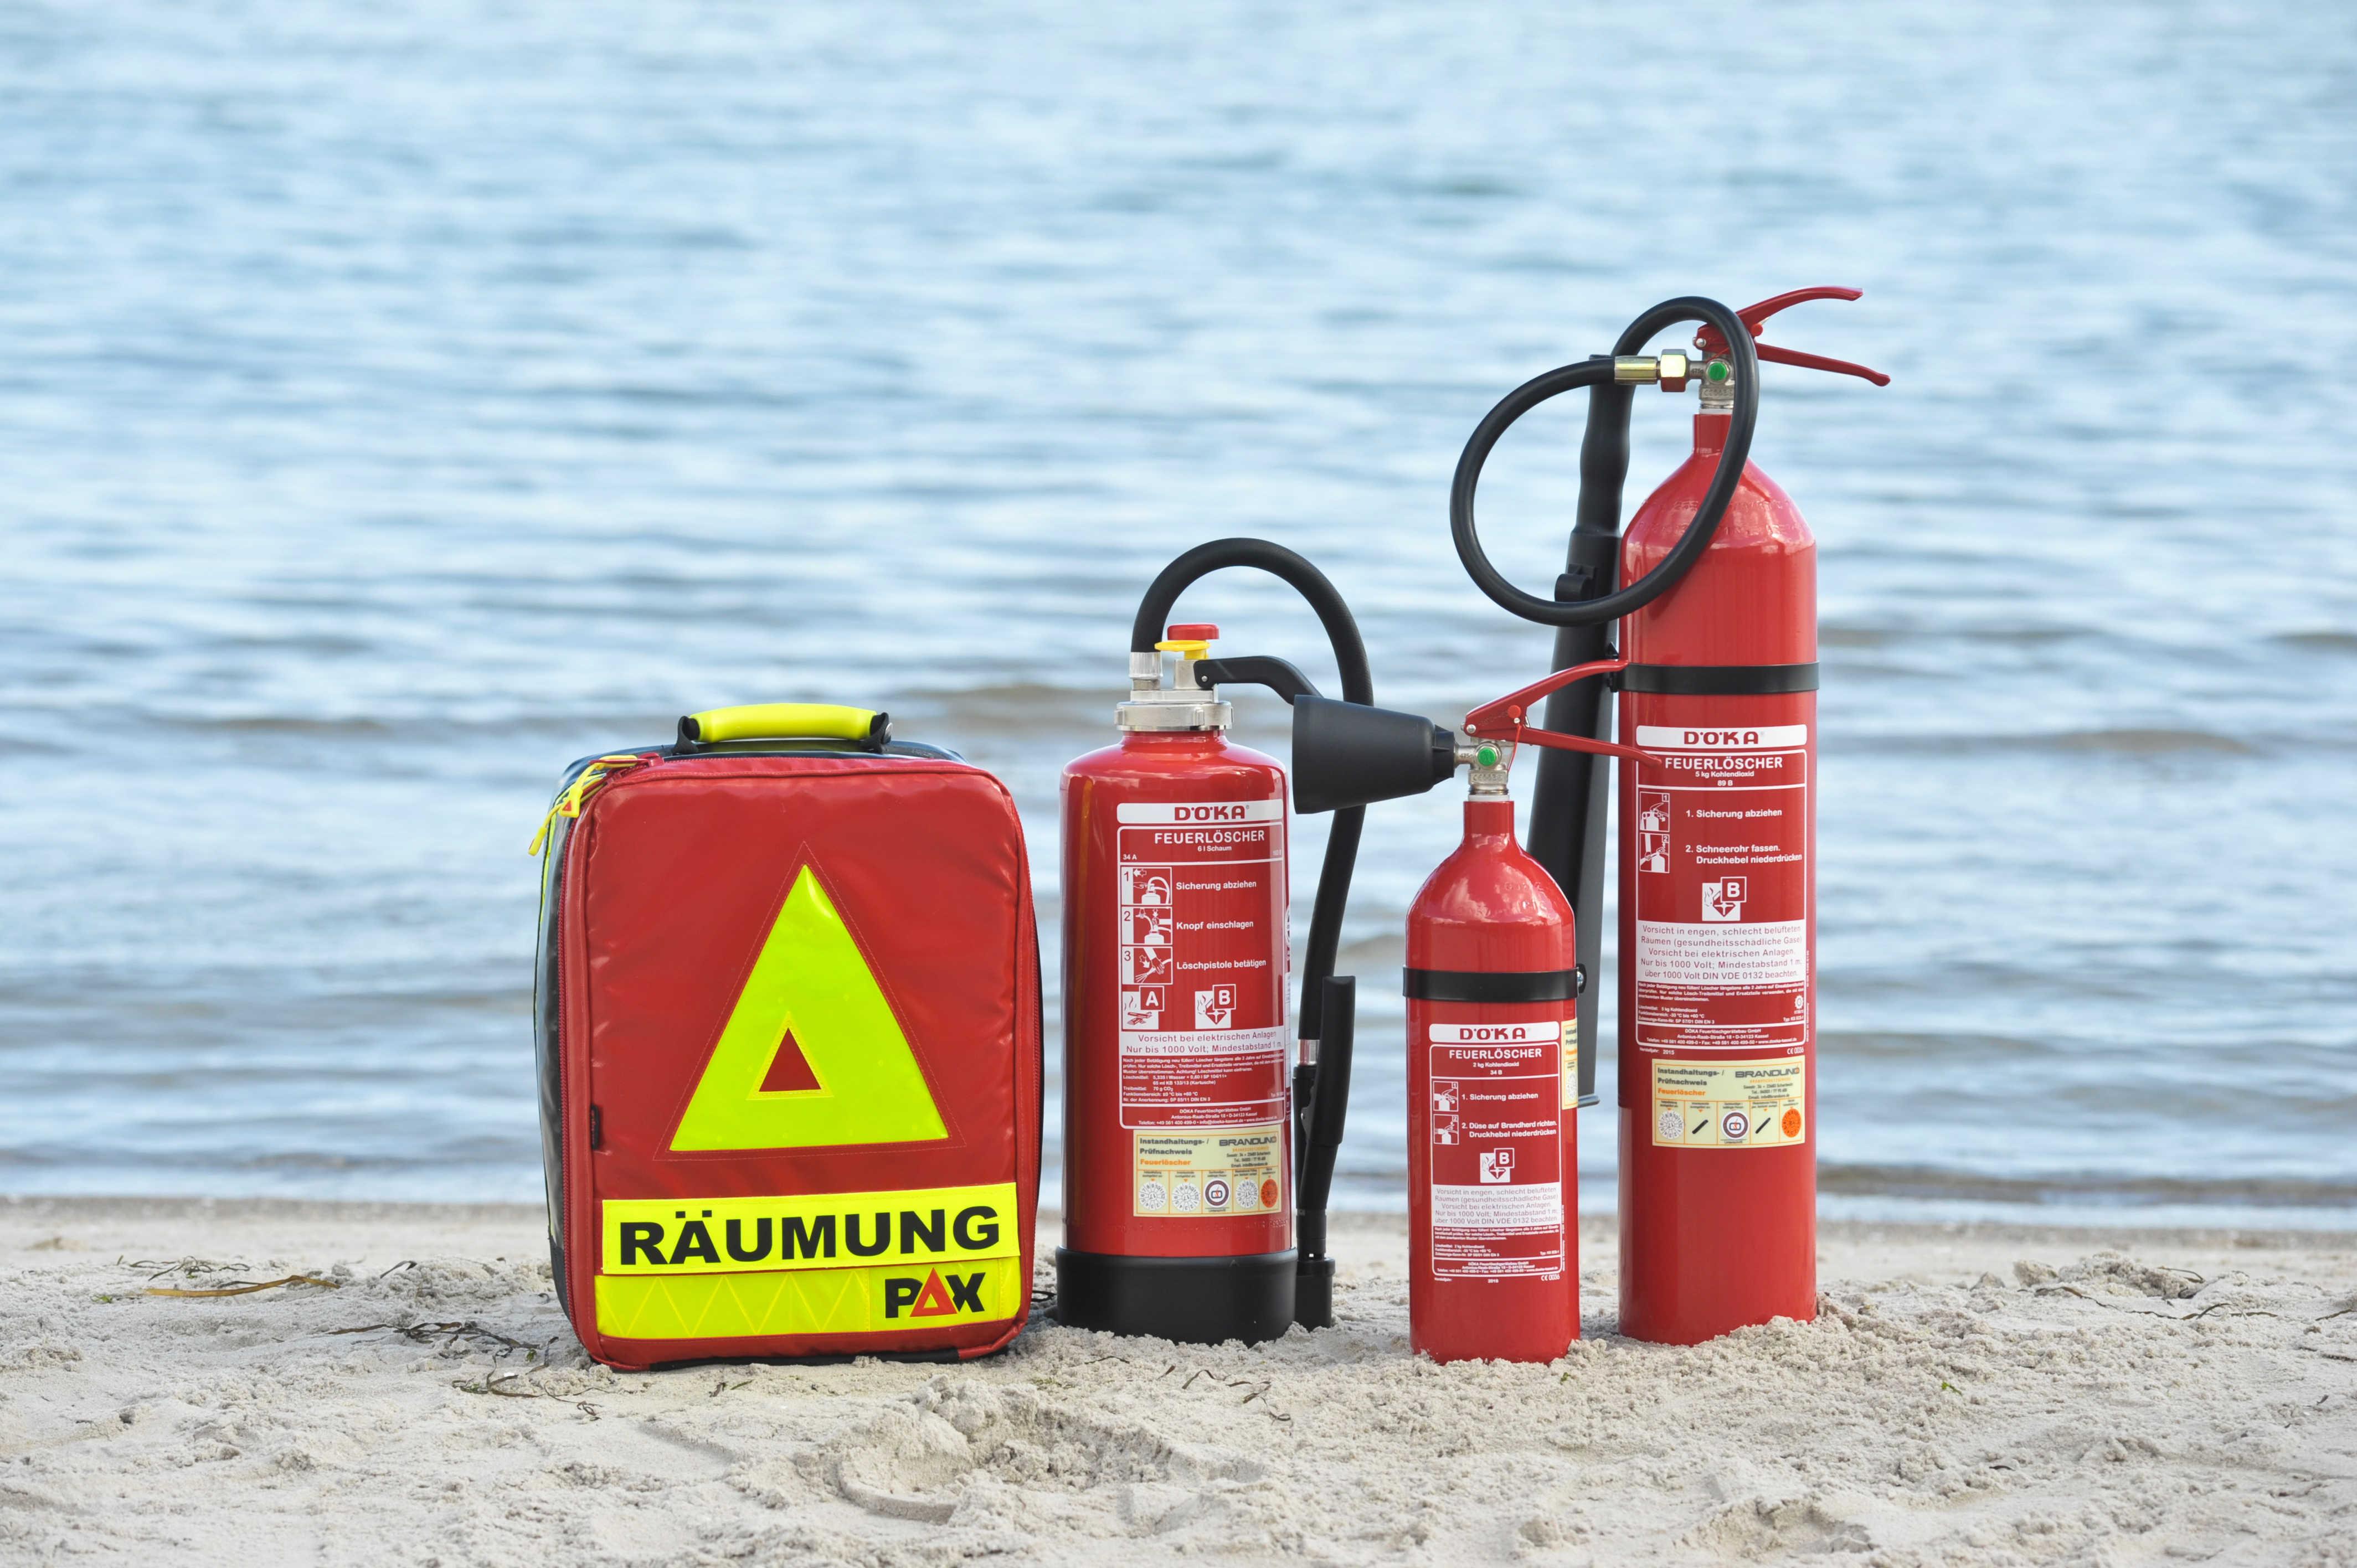 Brandschutzconsulting